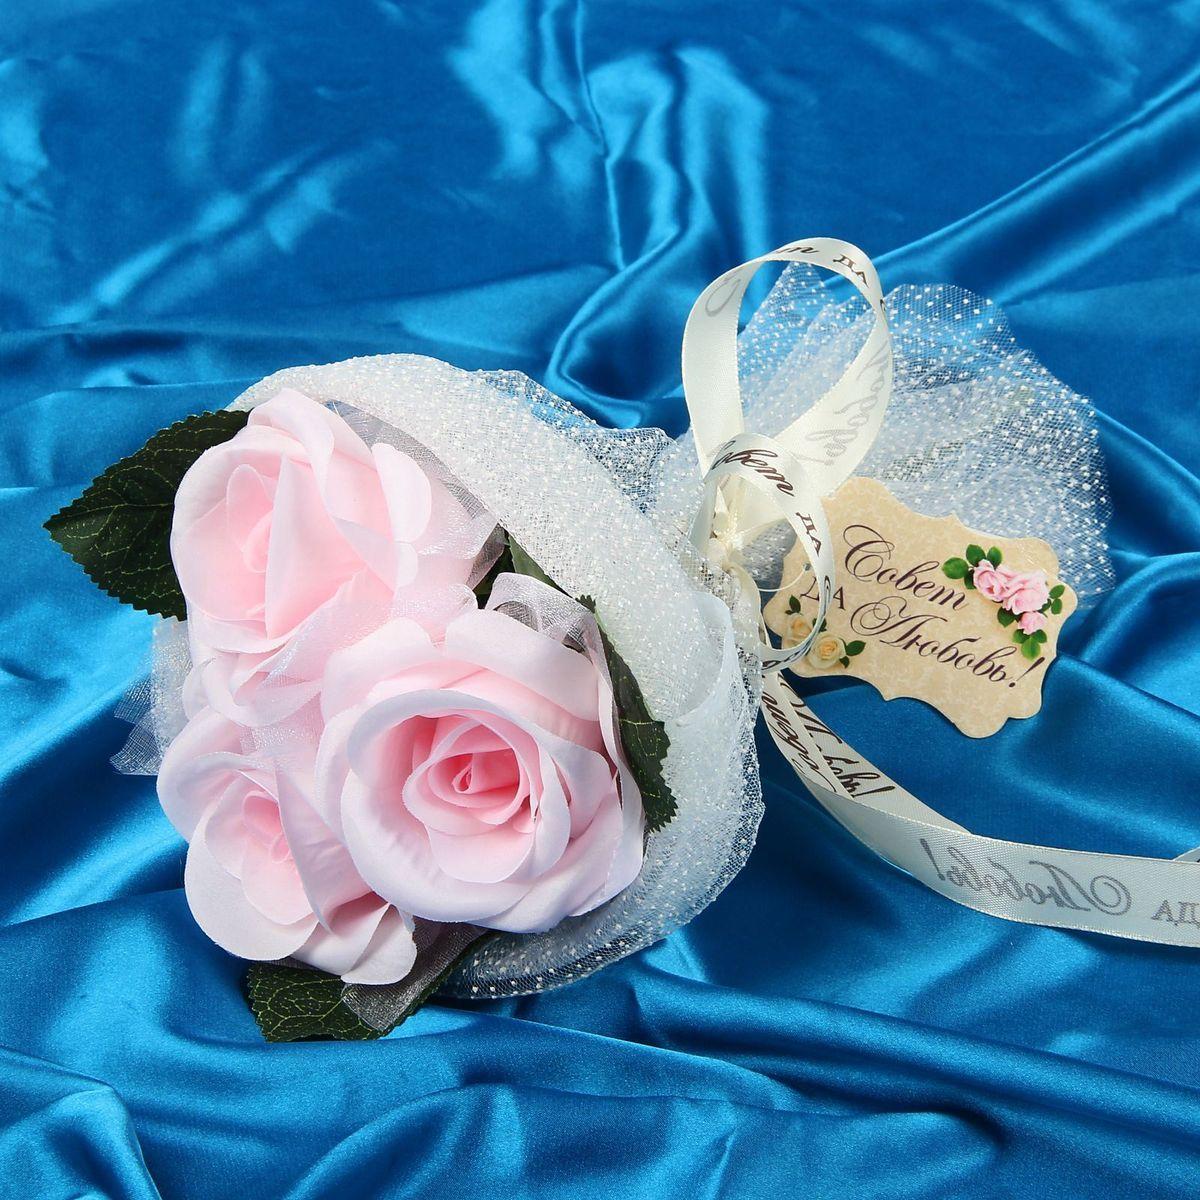 Букет-дублер Sima-land Воздушность, цвет: розовый97775318Свадьба - одно из главных событий в жизни человека. В такой день всё должно быть безупречно, особенно букет невесты. Но кидать, по старой традиции, цветочную композицию подругам не всегда удобно, и на помощь приходит букет-дублер Воздушность розы - красивый и яркий аксессуар. Стебли оформлены лентой с надписью Совет да любовь. Букет дополнен шильдом с тёплым пожеланием. После торжества он украсит любой интерьер, ведь нежные цветы из текстиля не завянут и не помнутся.